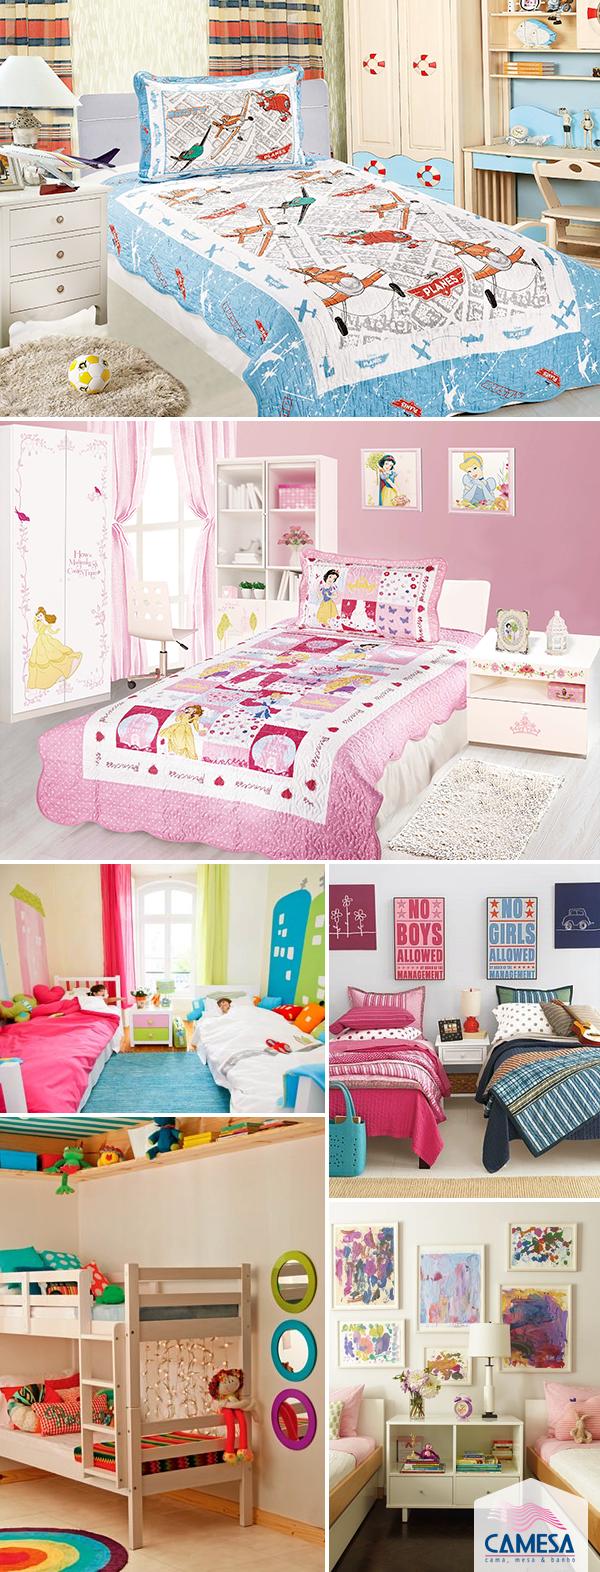 Meninos e meninas: quarto duplo para os filhos